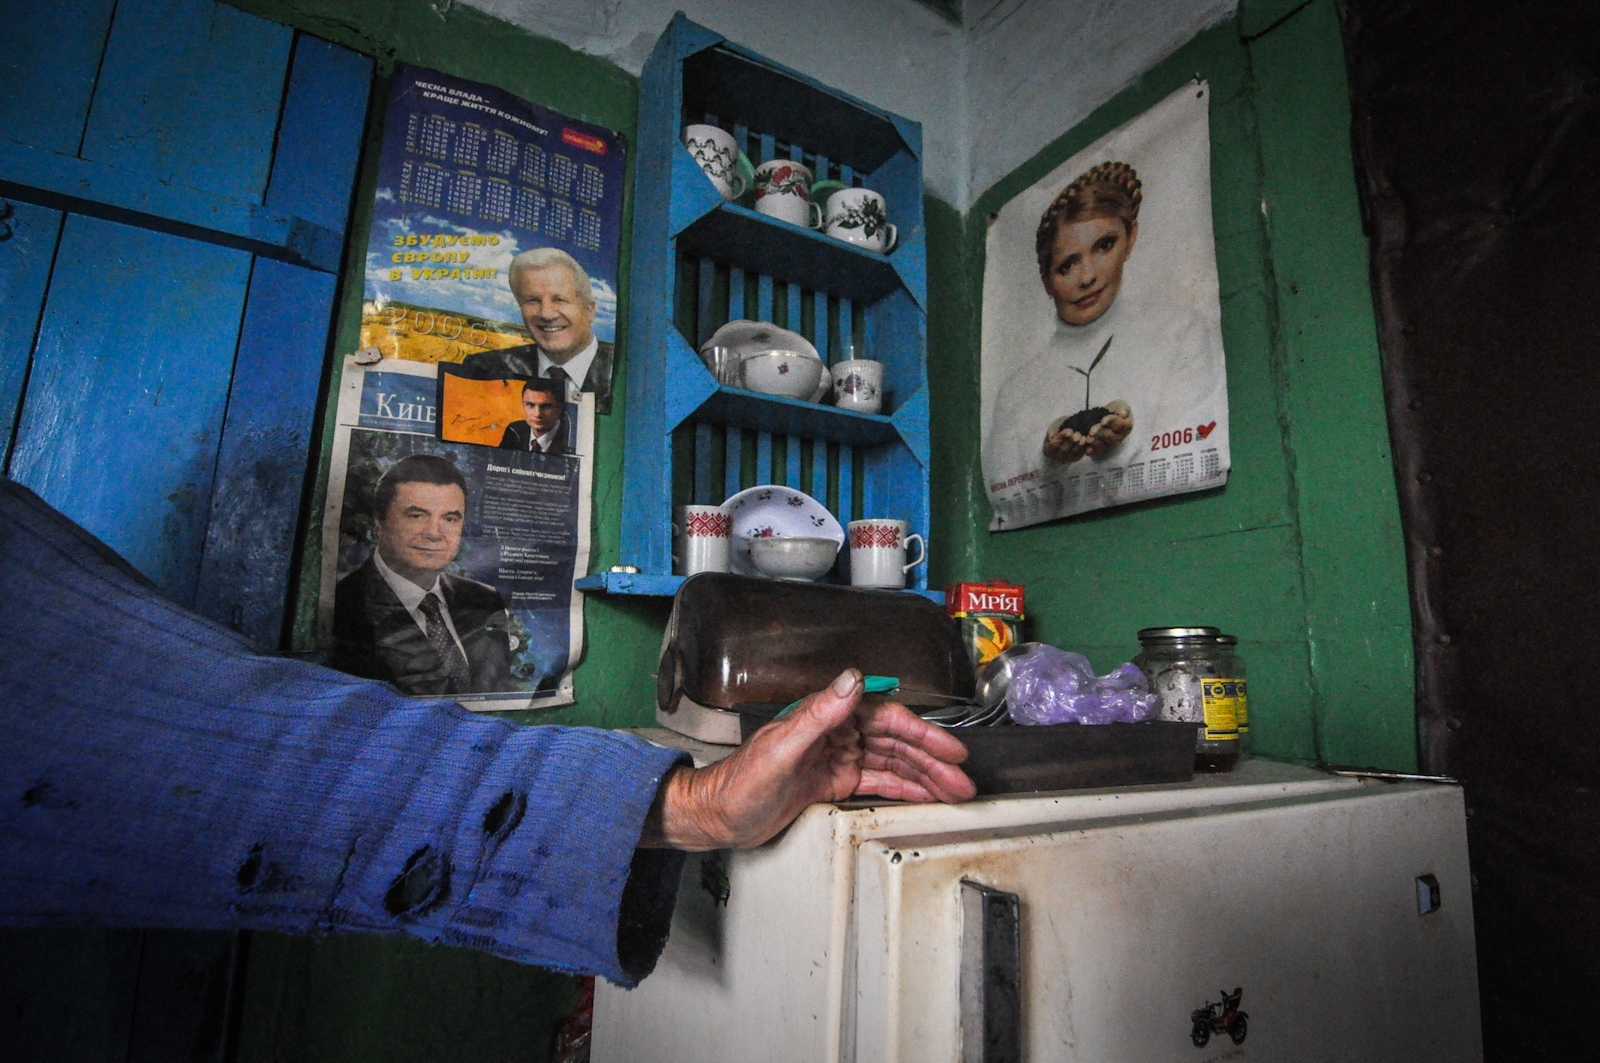 A kitchen near Chernobyl: photos of deposed president Viktor Yanukovych (left) and political rivals Yulia Timoshenko and Vitali Klitschko